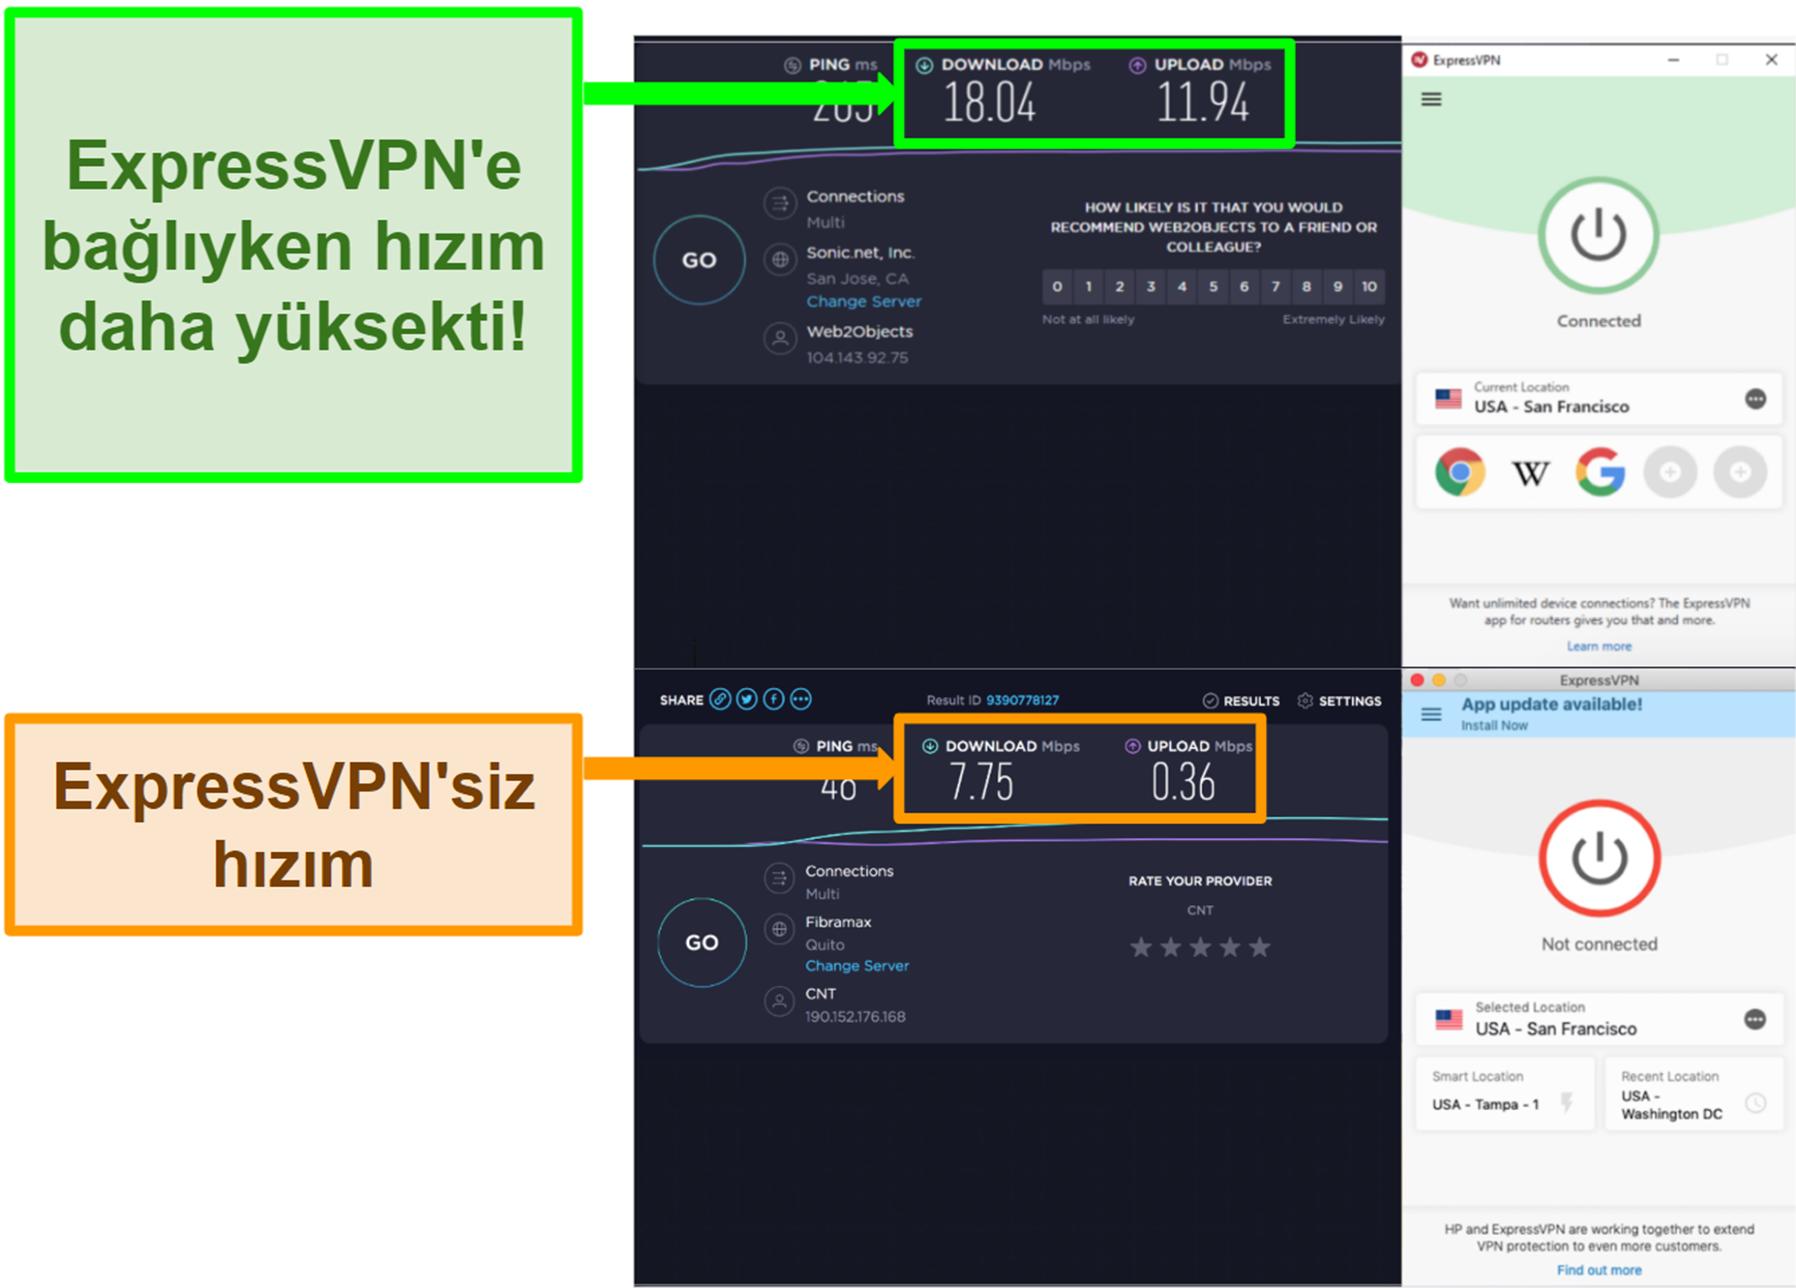 ExpressVPN bir ABD sunucusuna bağlandığında hızımı artırdı